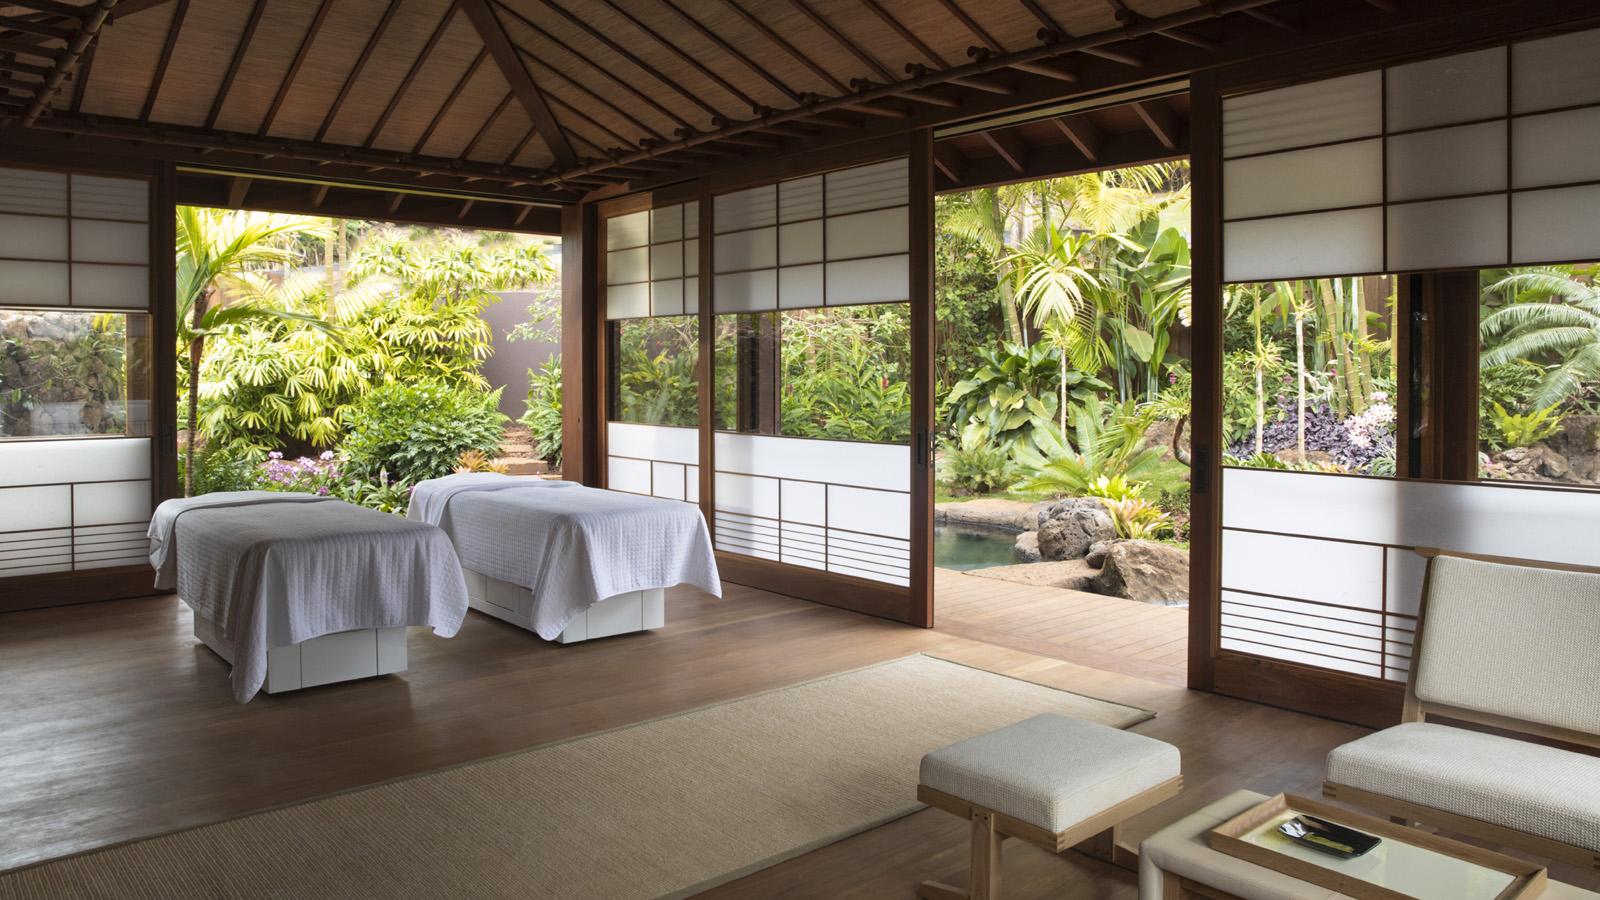 Four Seasons Hotel Lanai at Koele, A Sensei Retreat (Hawaii)